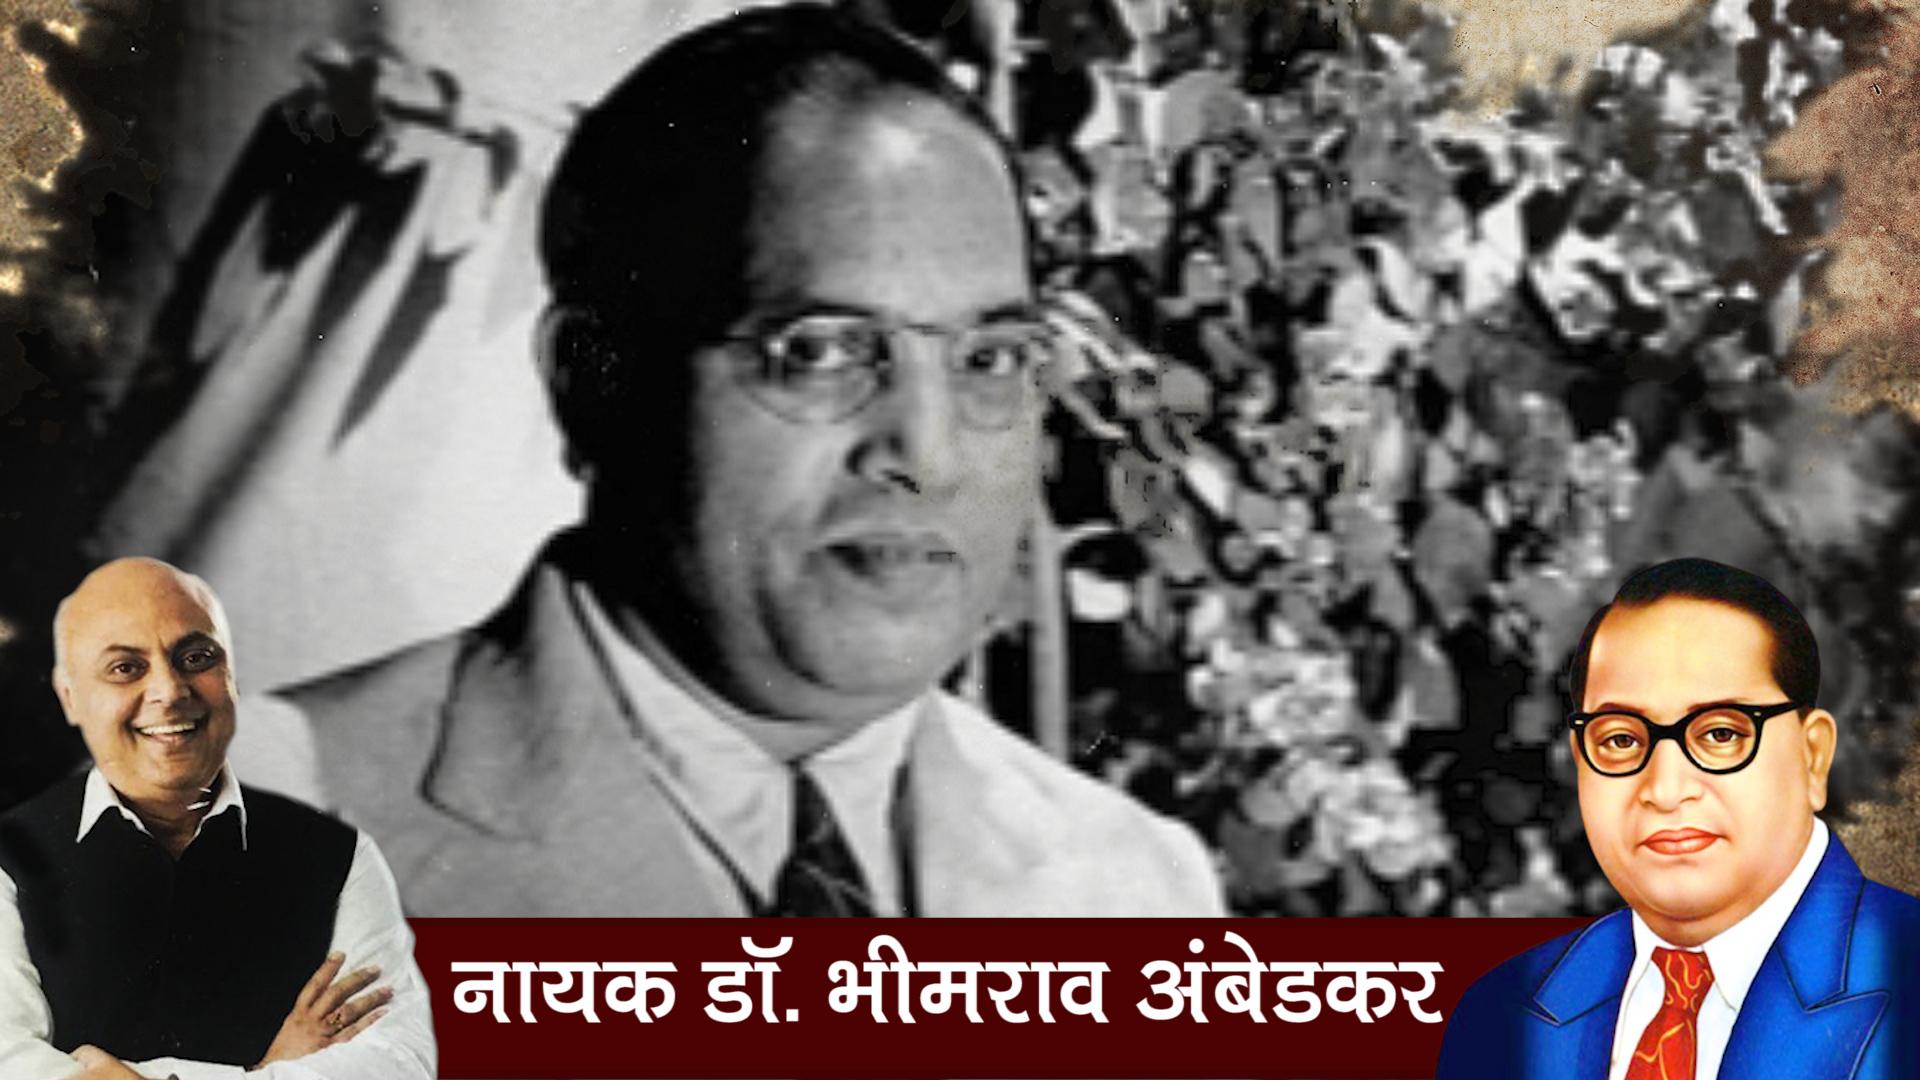 आखिर किस बात पर गांधीजी से अड़ गए थे डॉ. भीमराव अंबेडकर (Dr. Bhim Rao Ambedkar)?